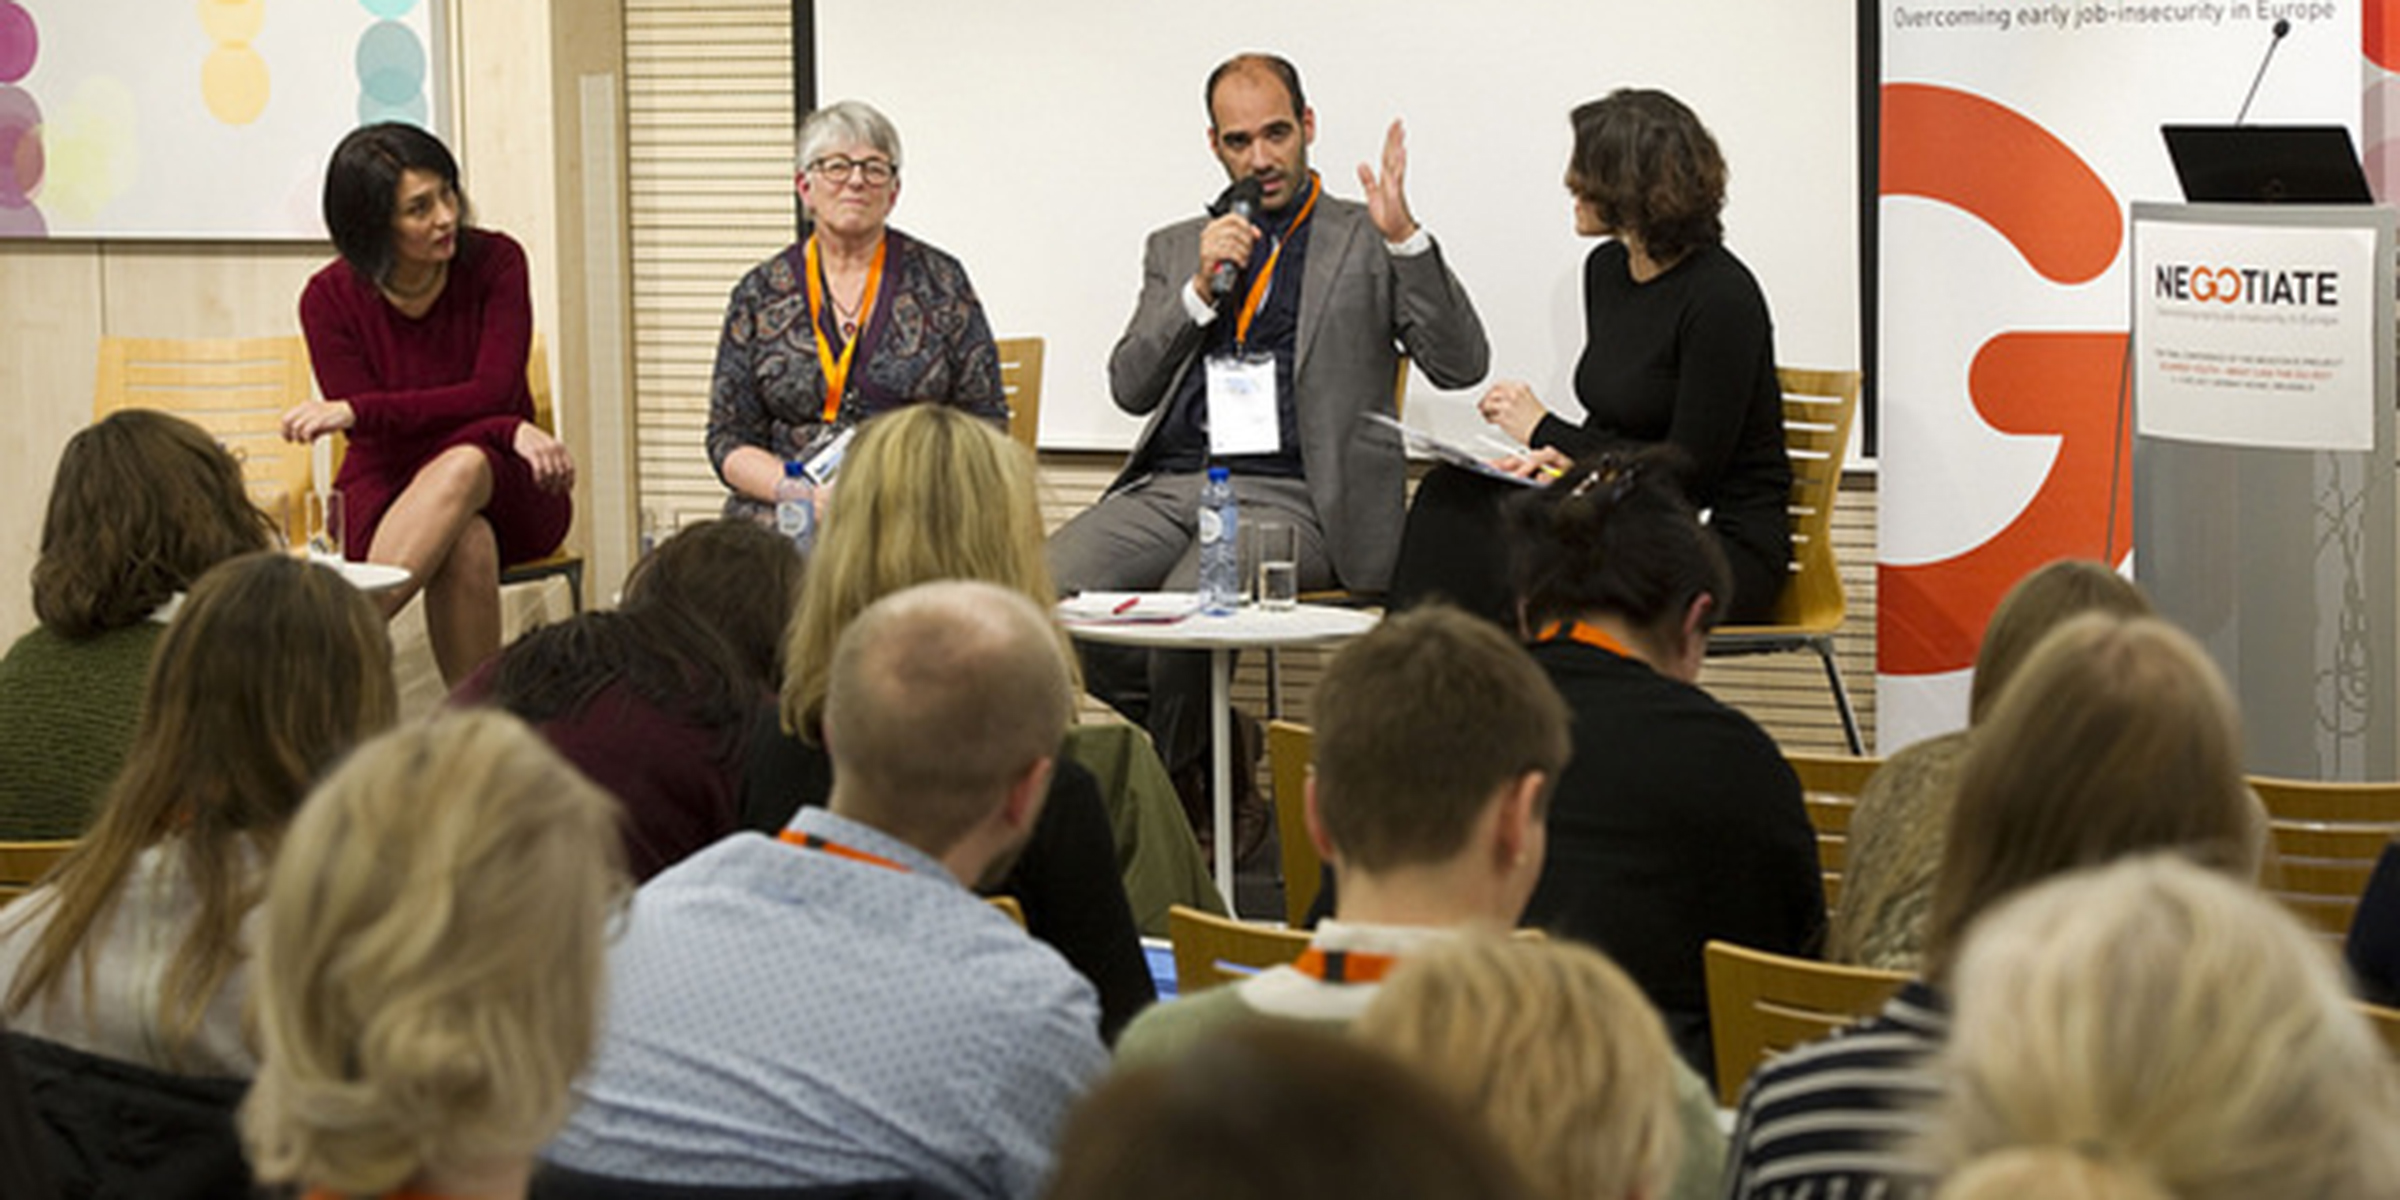 A panel consisting of Maria Symeonaki, Rodrigo Ballster and Julie Ward